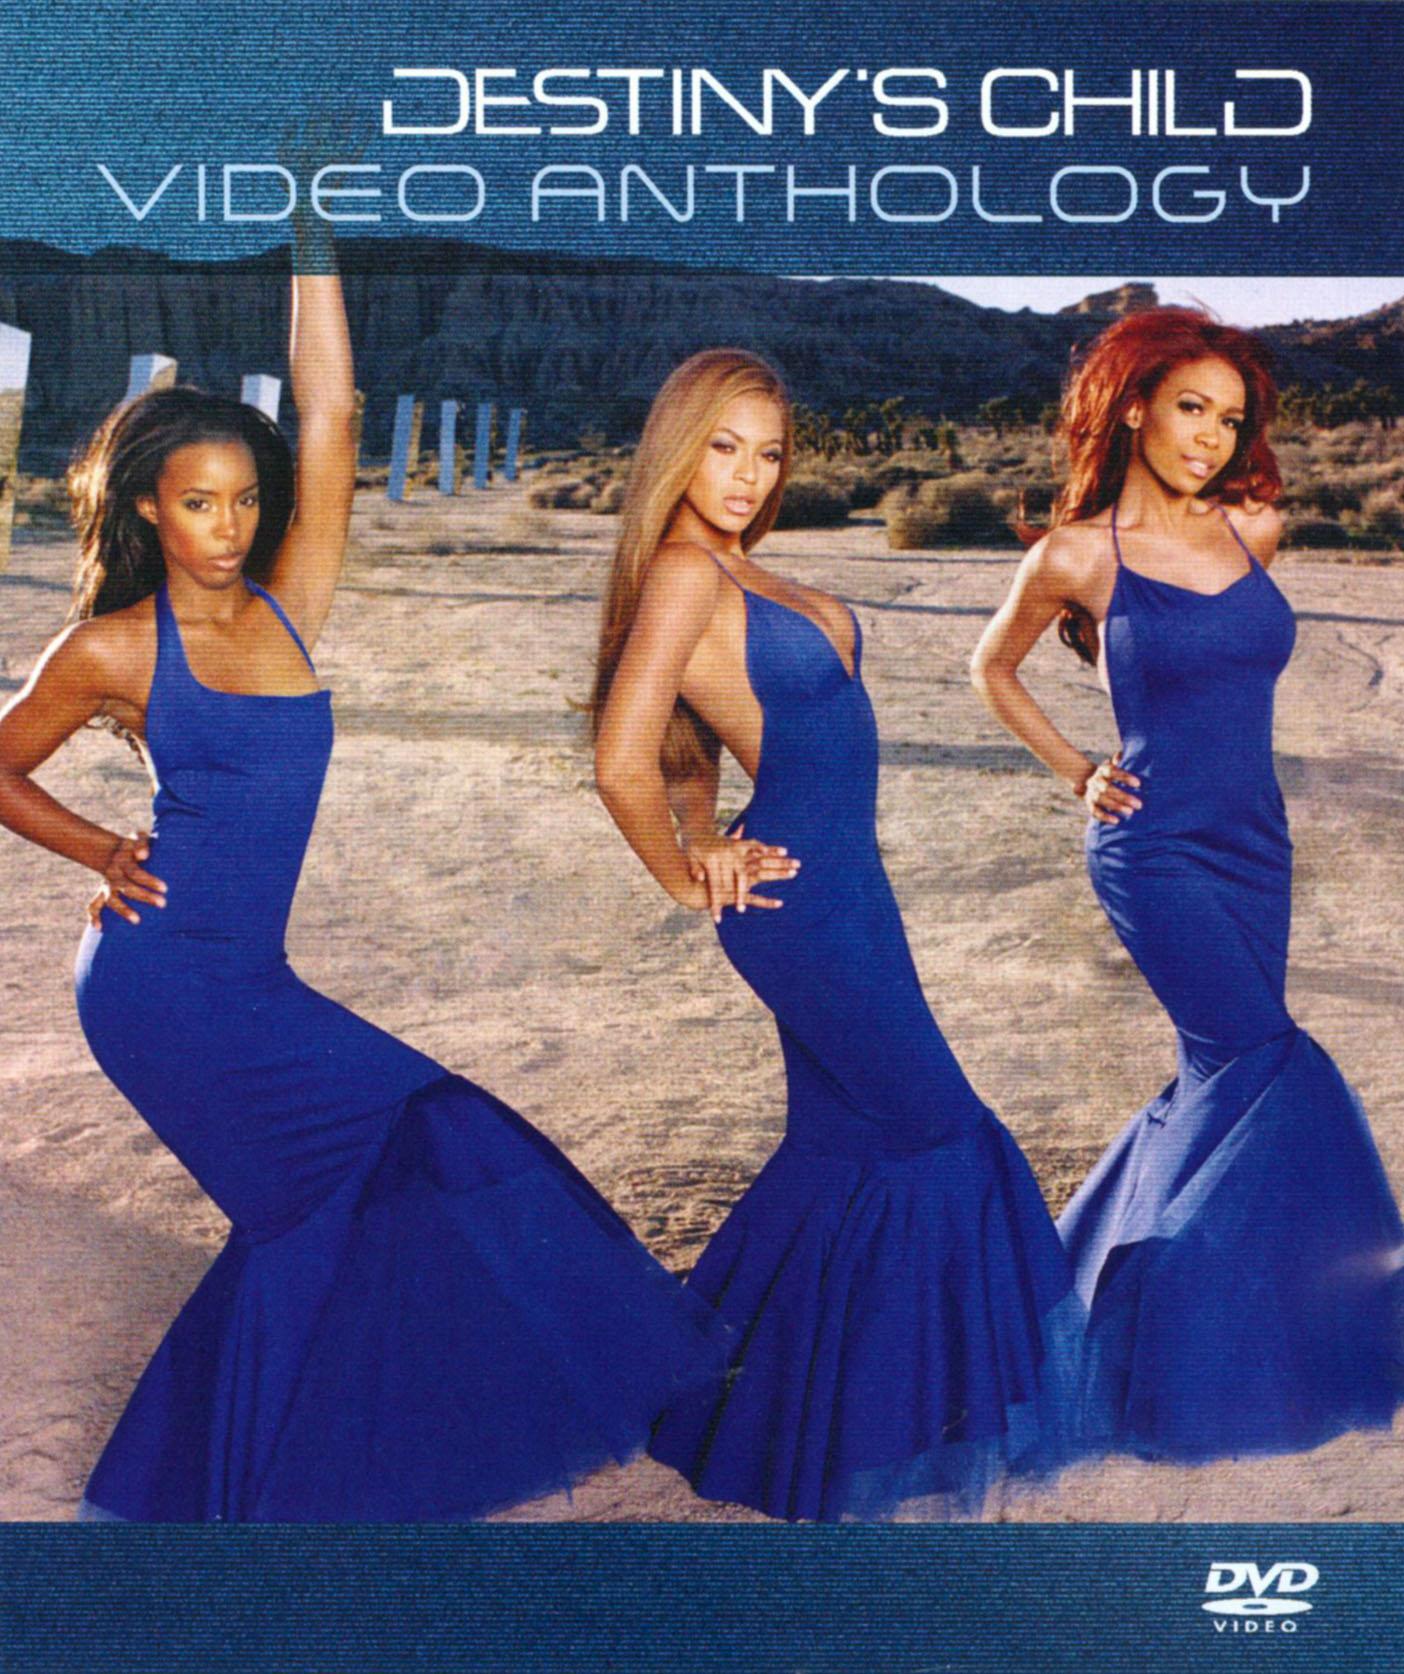 Destiny's Child: The Video Anthology